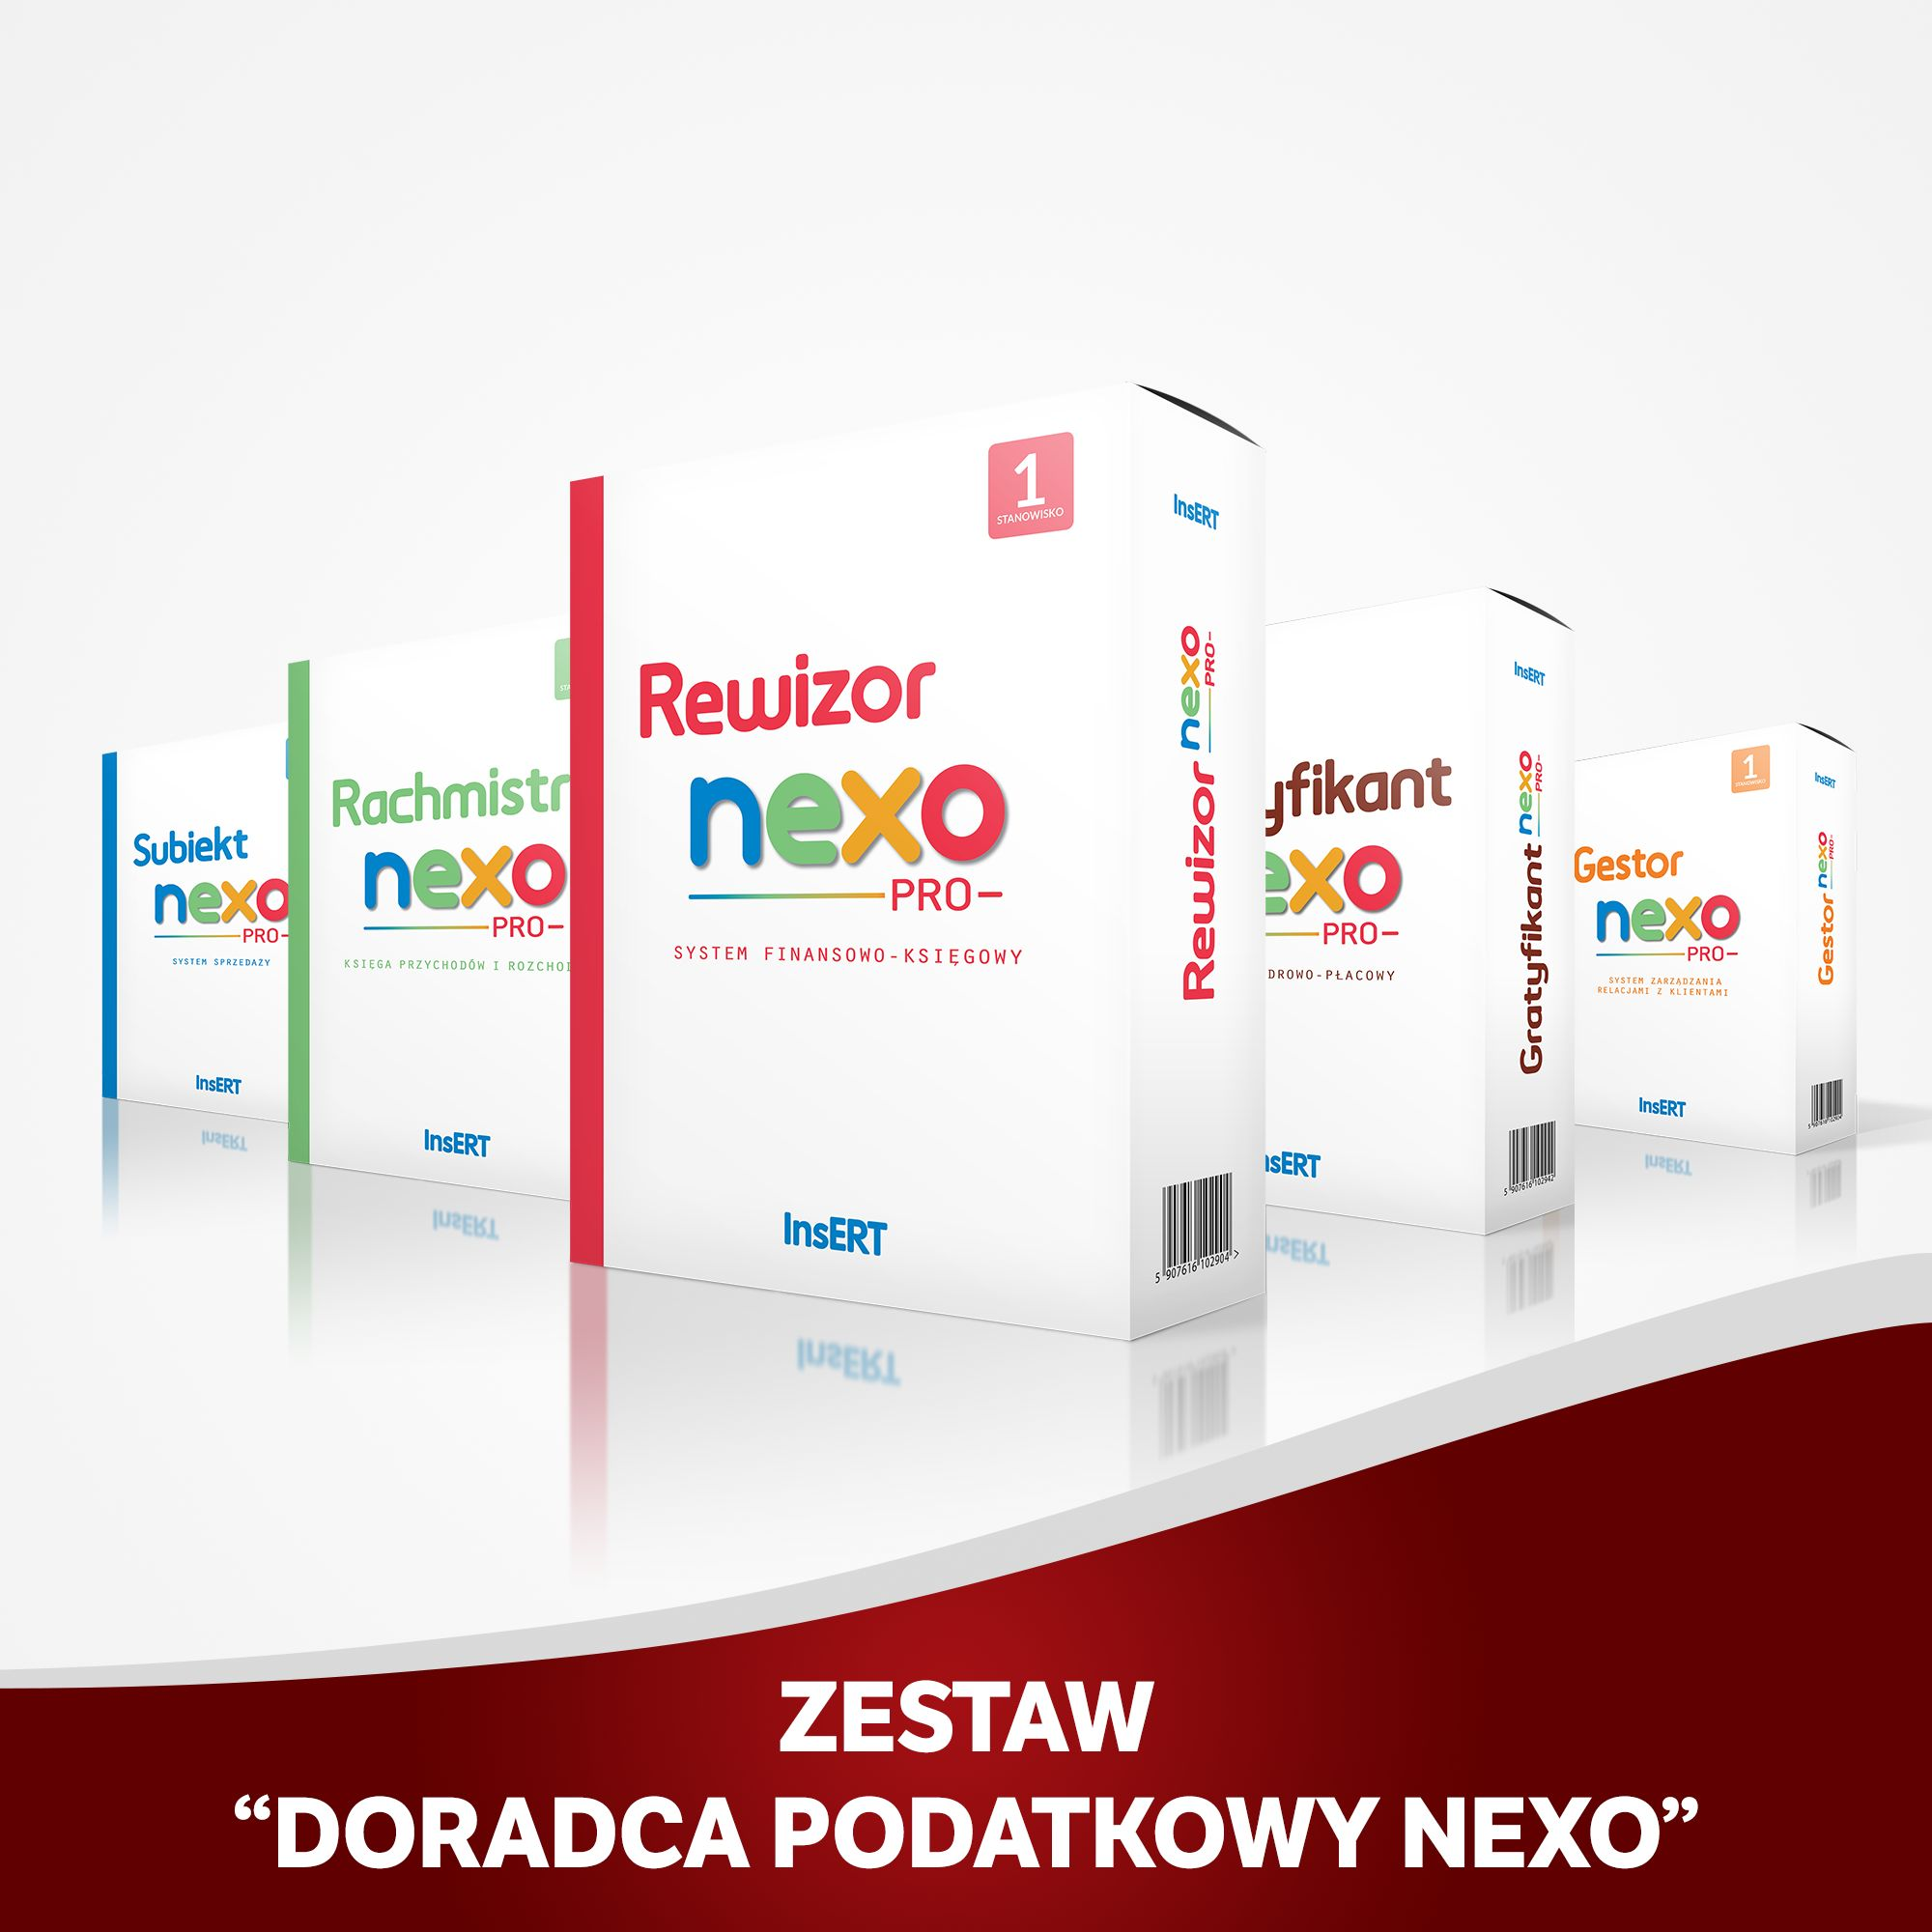 Zestaw Doradca podatkowy nexo *